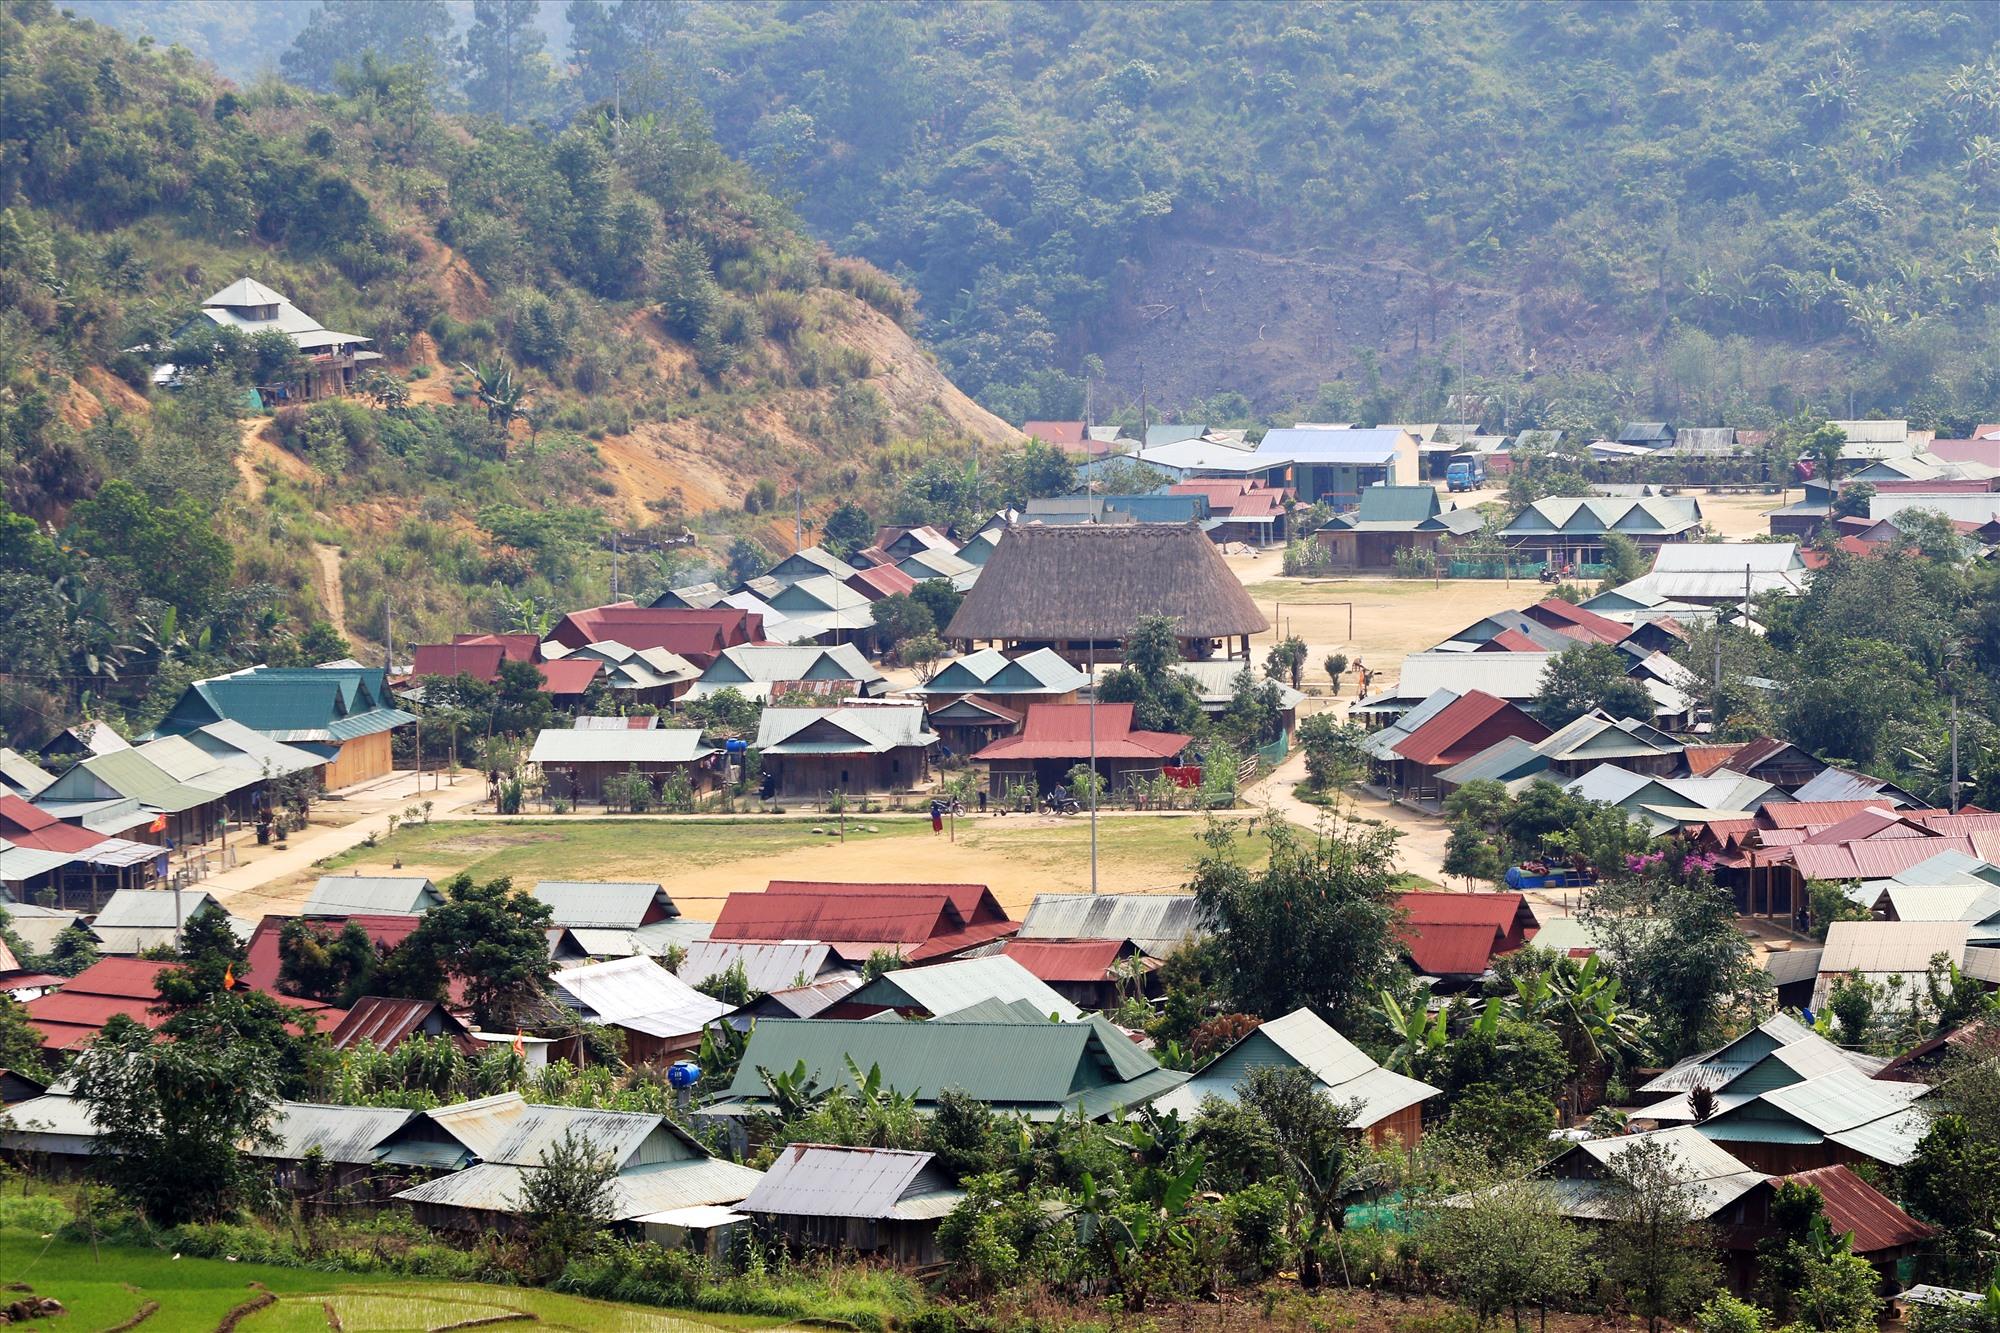 Một góc khu tái định cư ở vùng cao Tây Giang. Ảnh: GIANG NGỌC